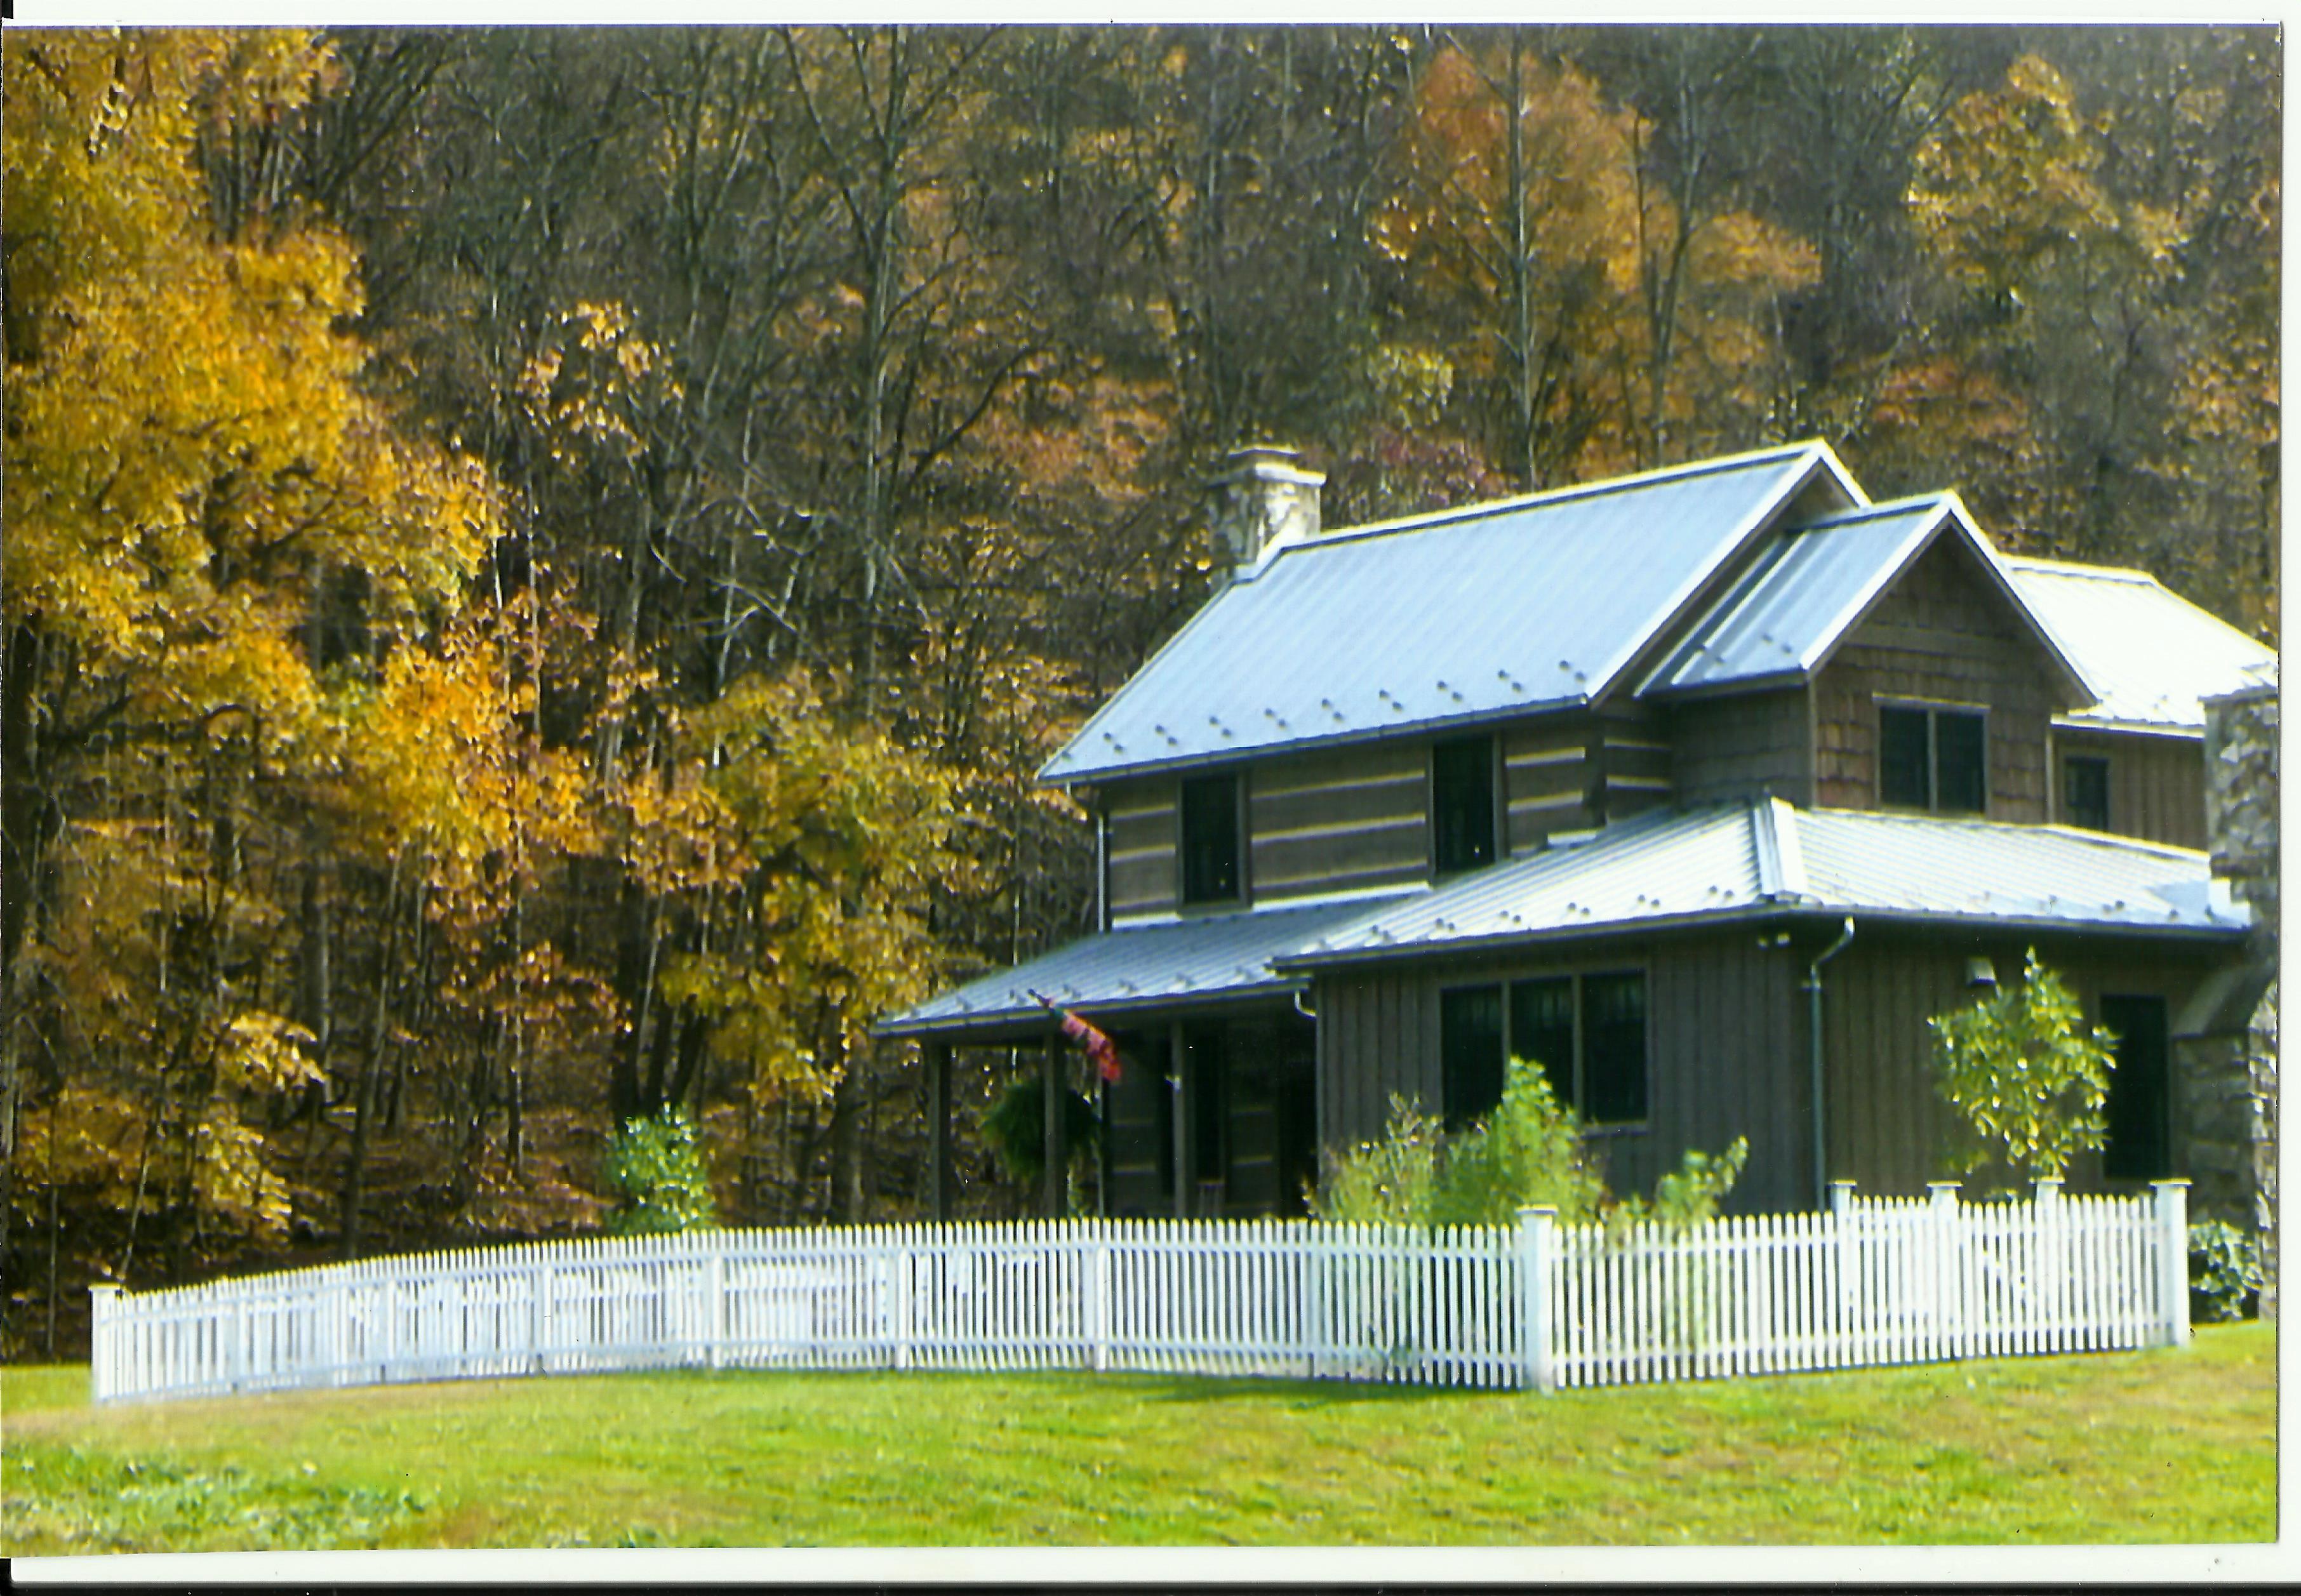 cutip-house-fall